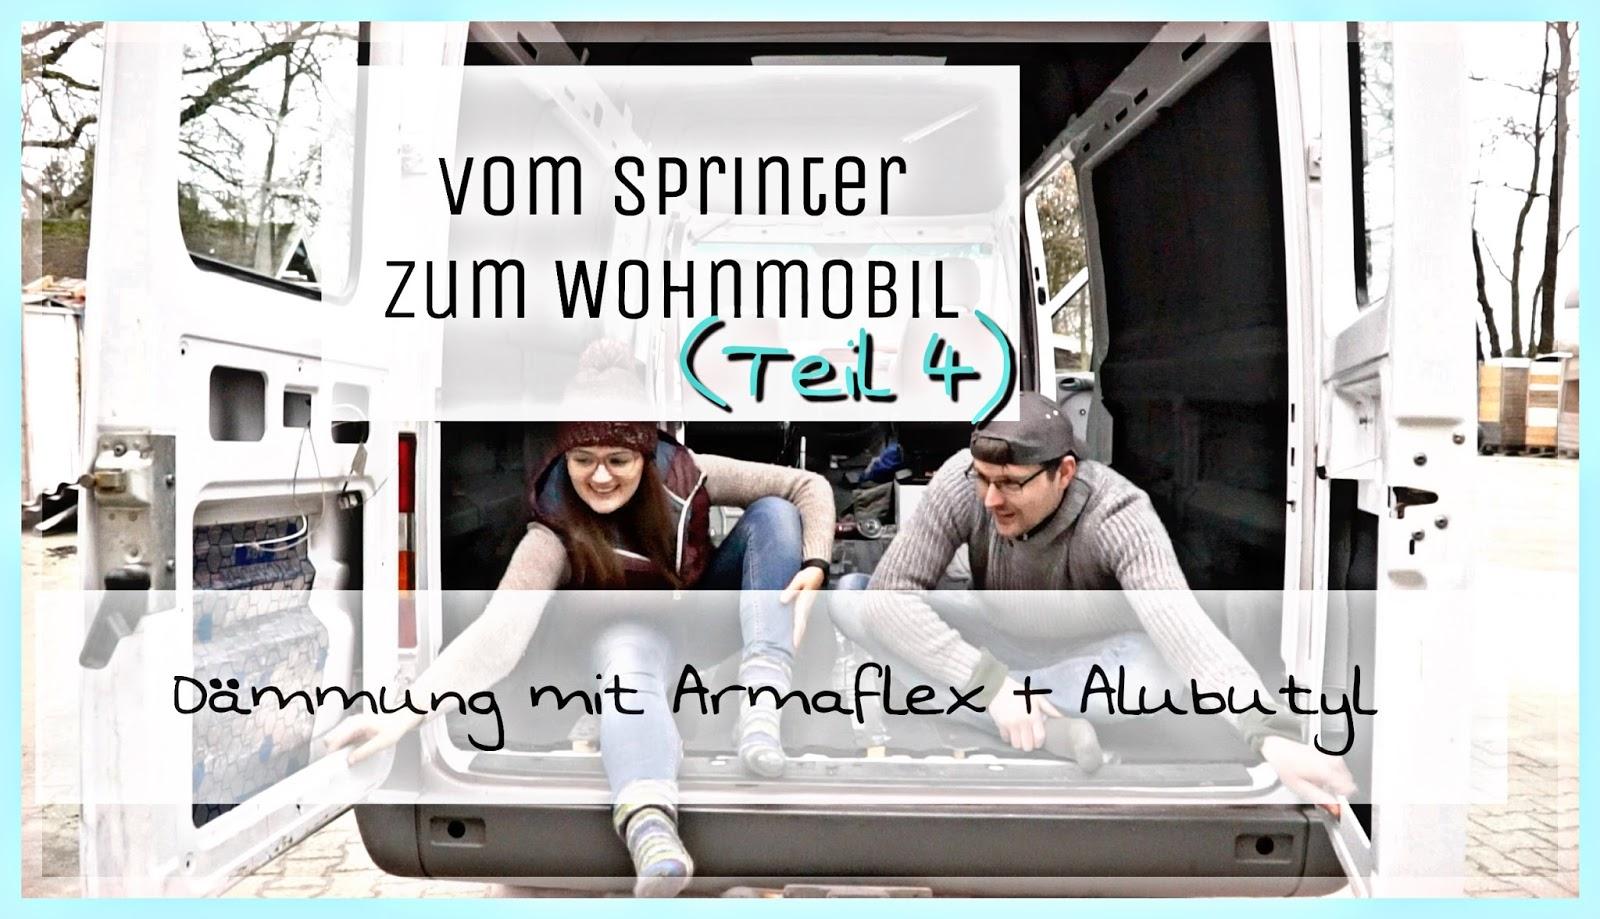 Dämmung Fußboden Wohnmobil ~ Vom sprinter zum wohnmobil dämmung mit armaflex und alubutyl teil 4